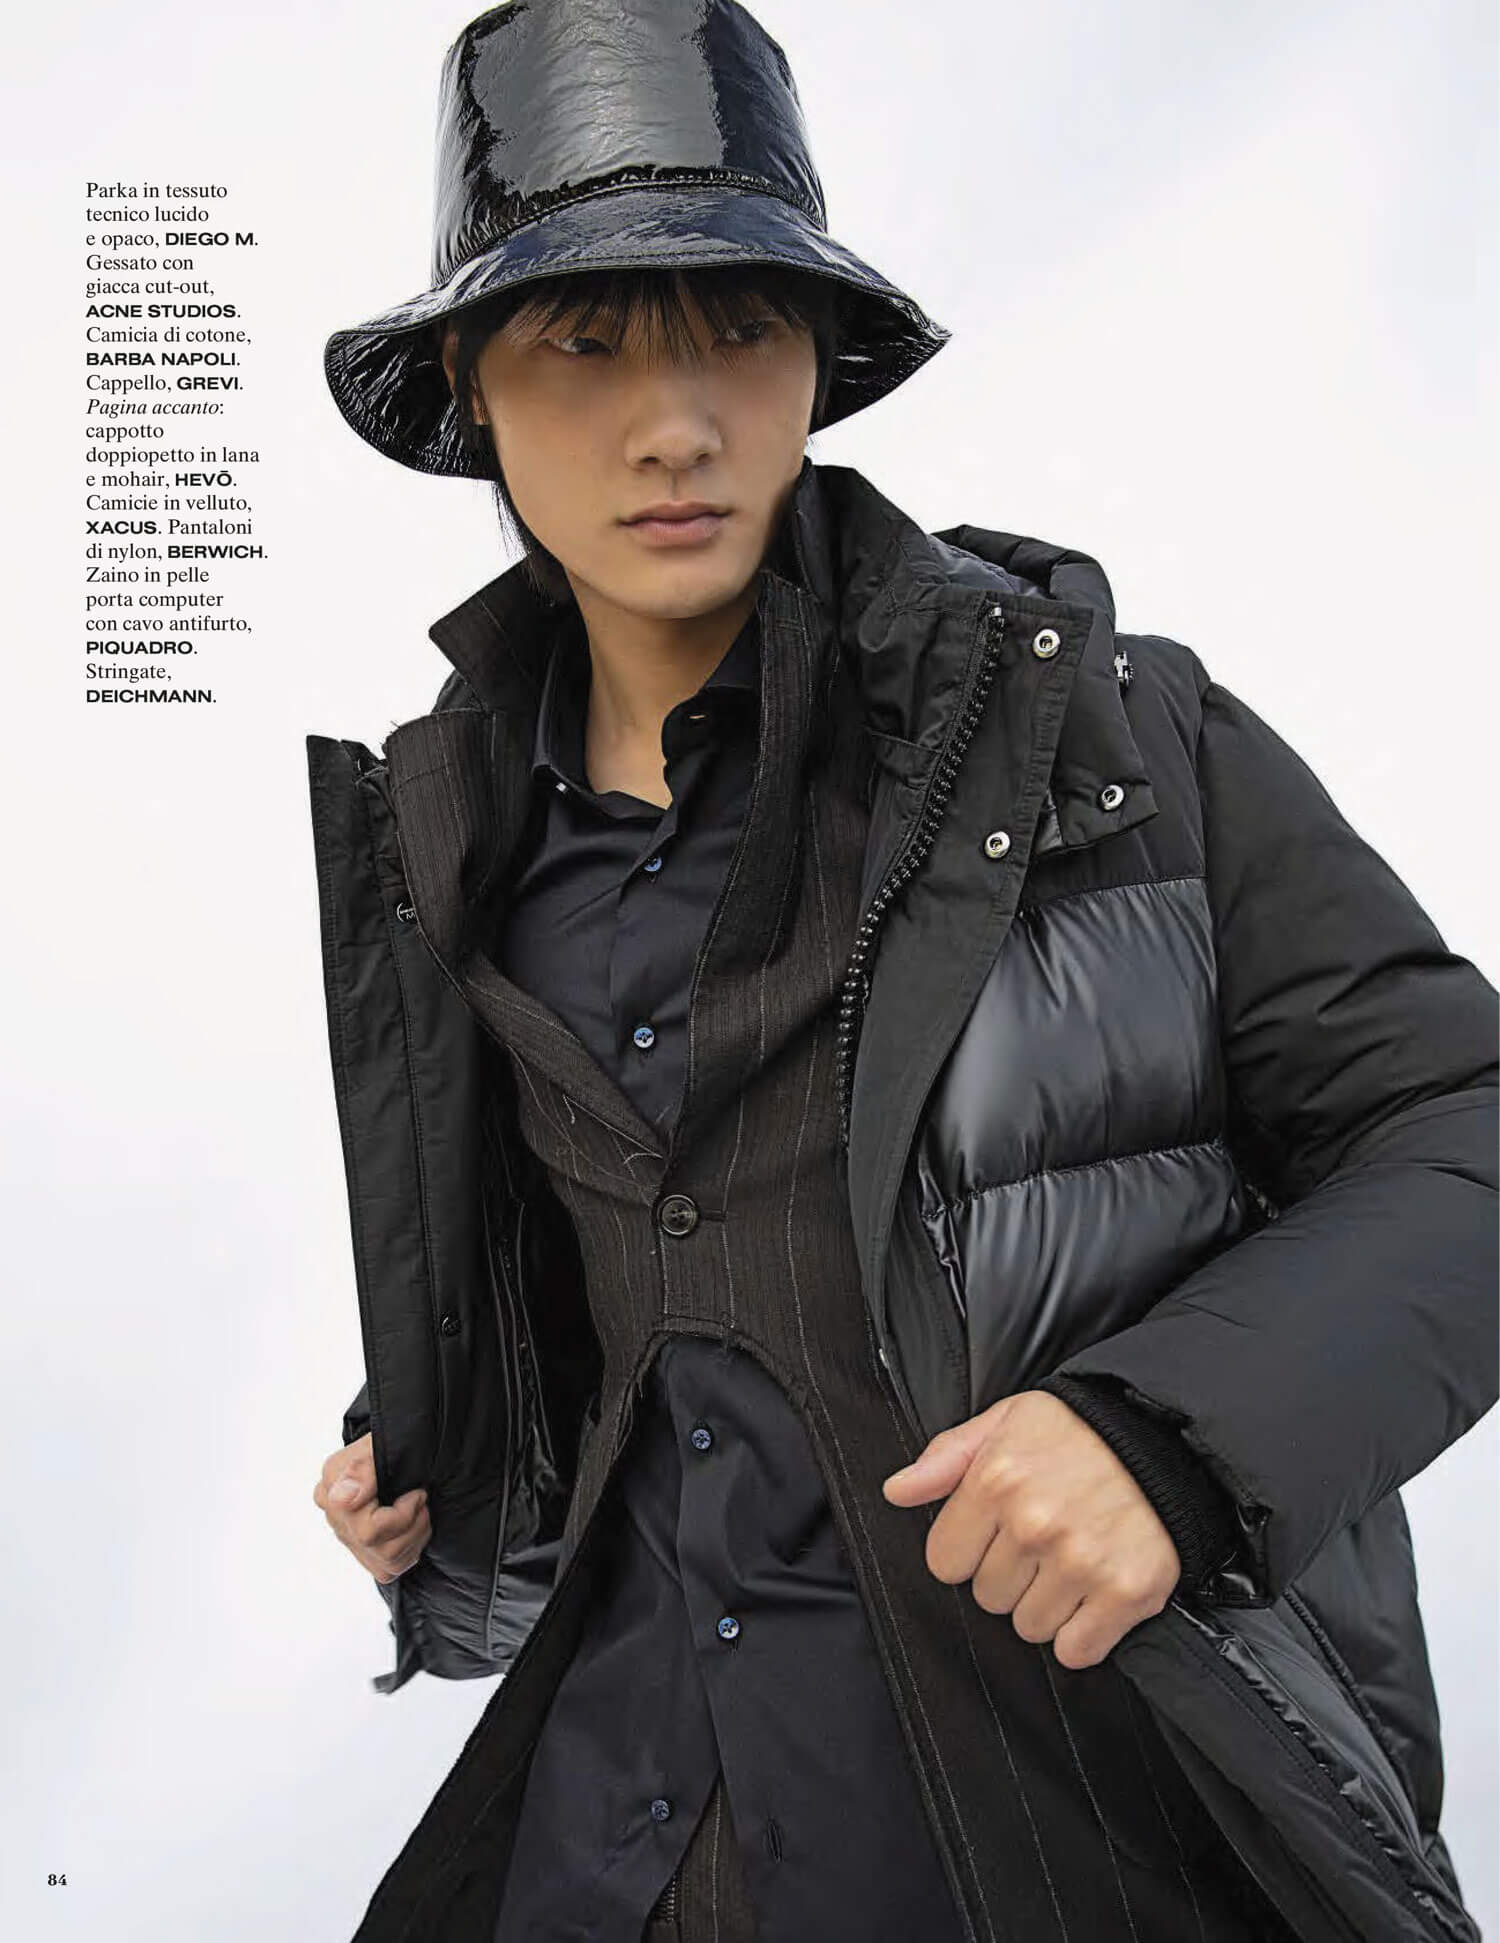 Vanity fair cappello impermeabile Grevi